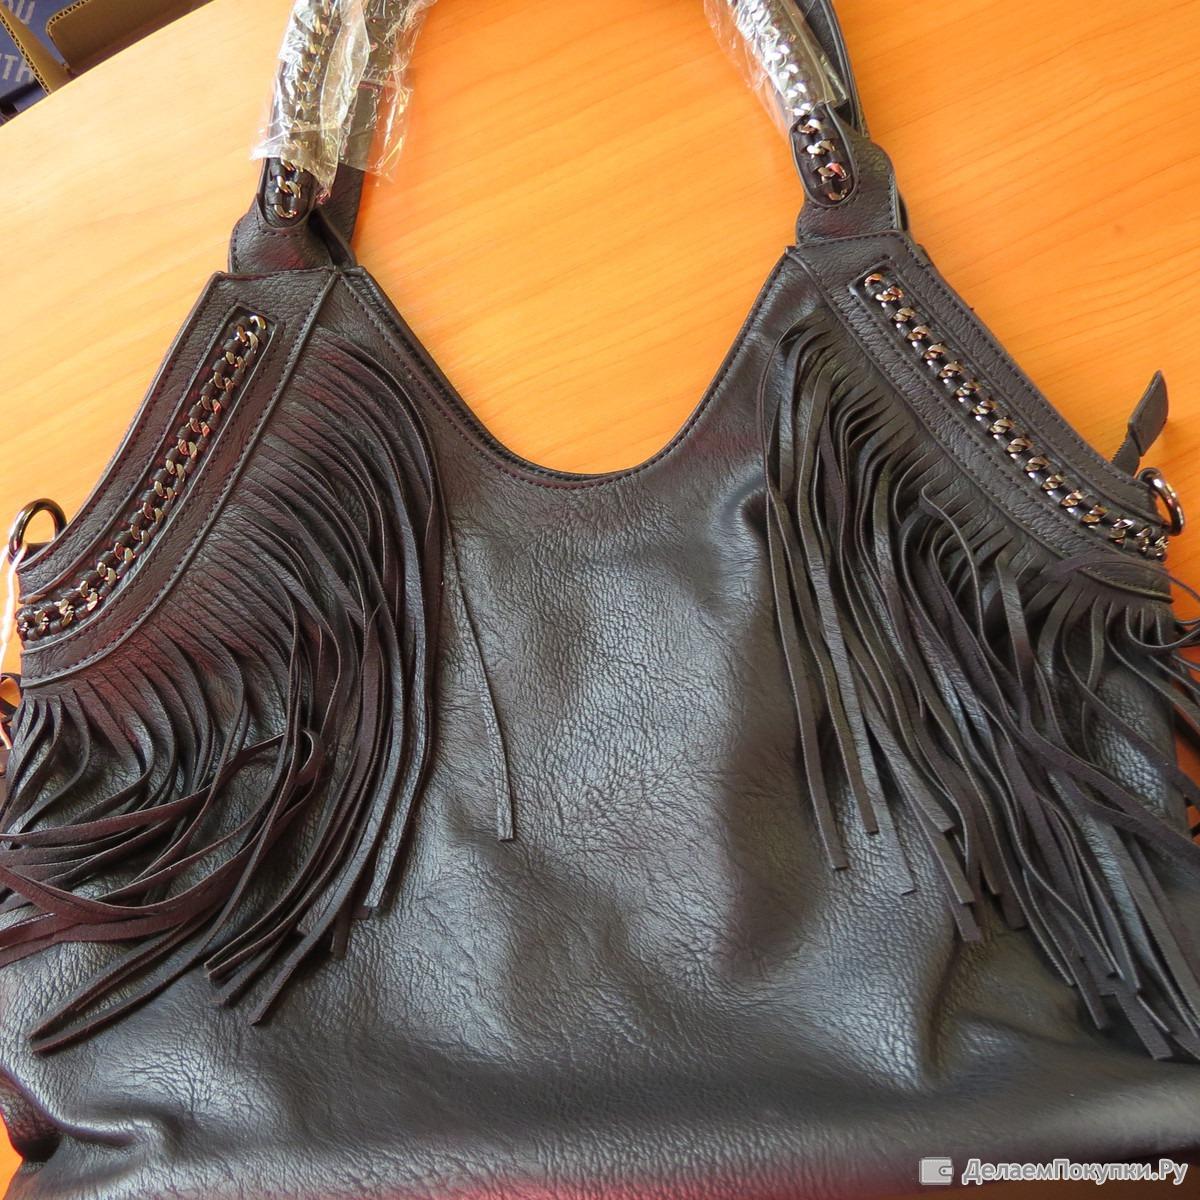 630bda73eb2d Ещё сумочки. Реплики женских сумок известных брендов: Группа Хвастики